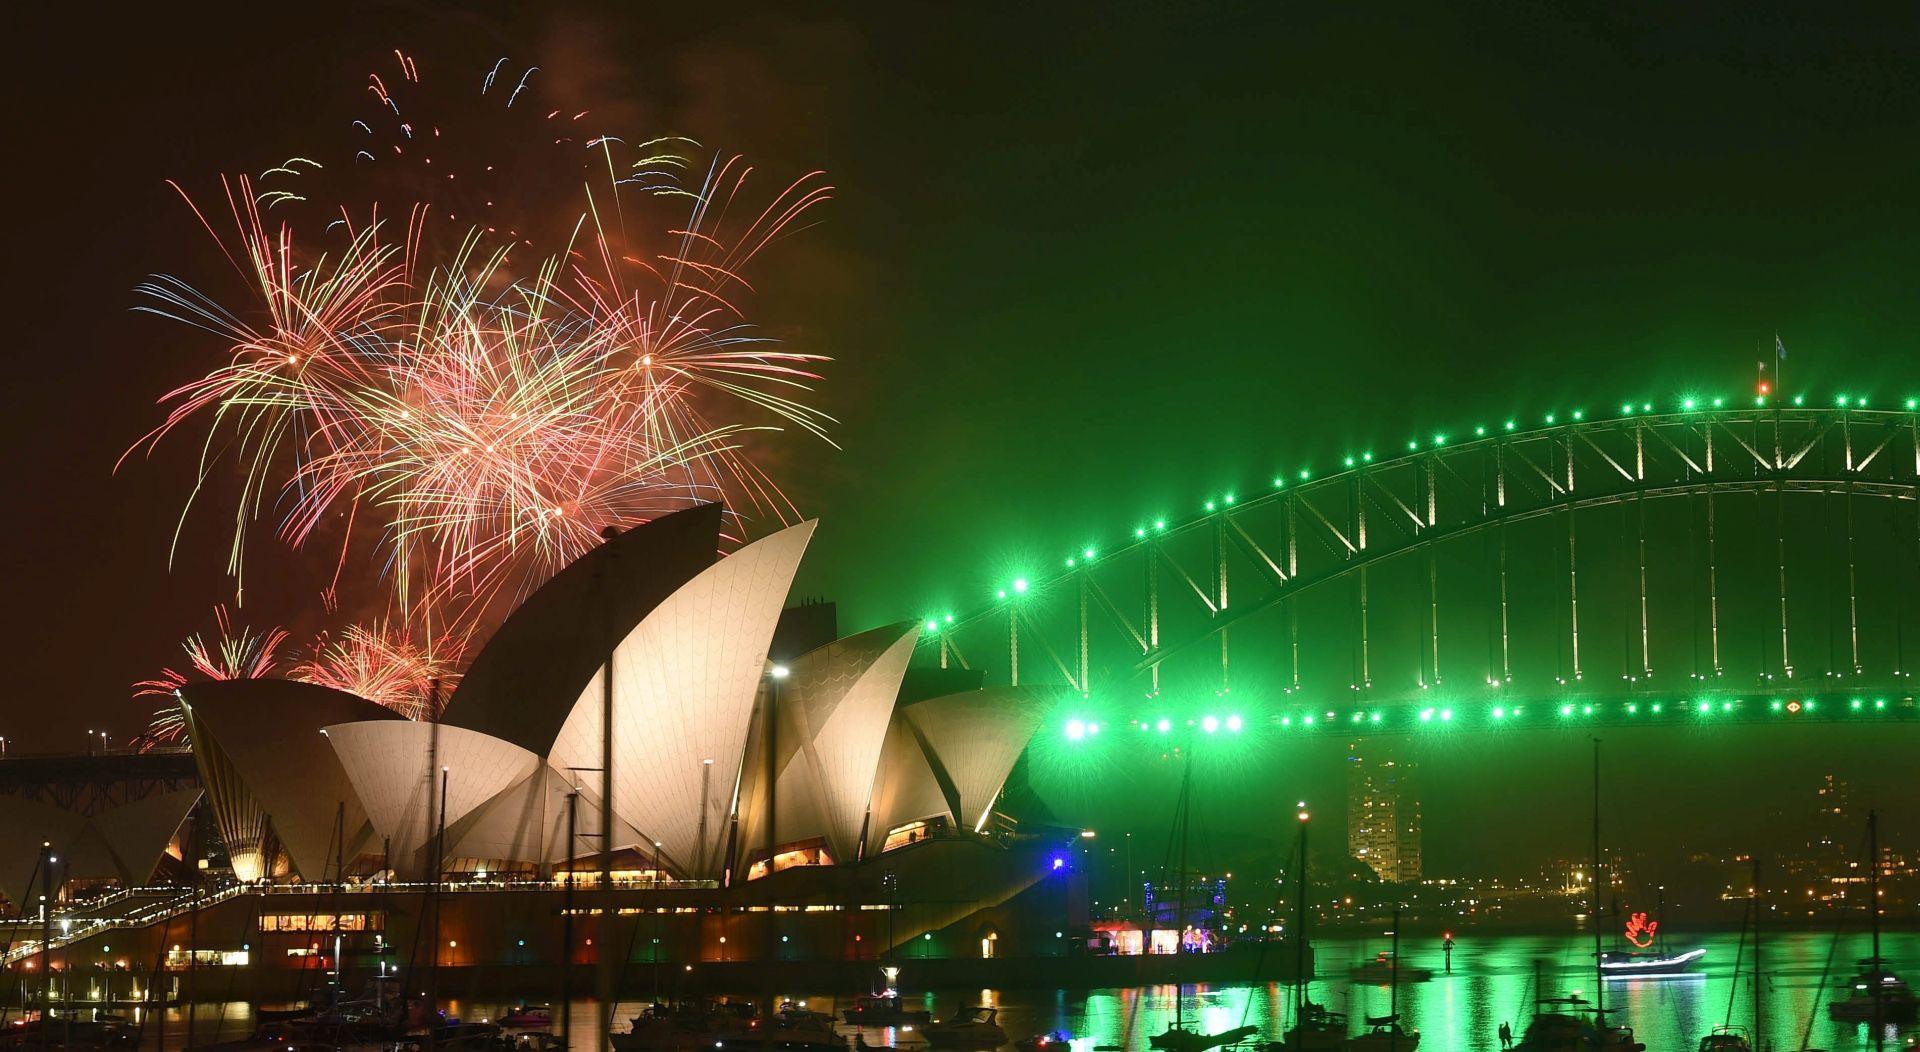 Raskošan vatromet u Sydneyu; mjere sigurnosti posvuda prate dolazak 2017.